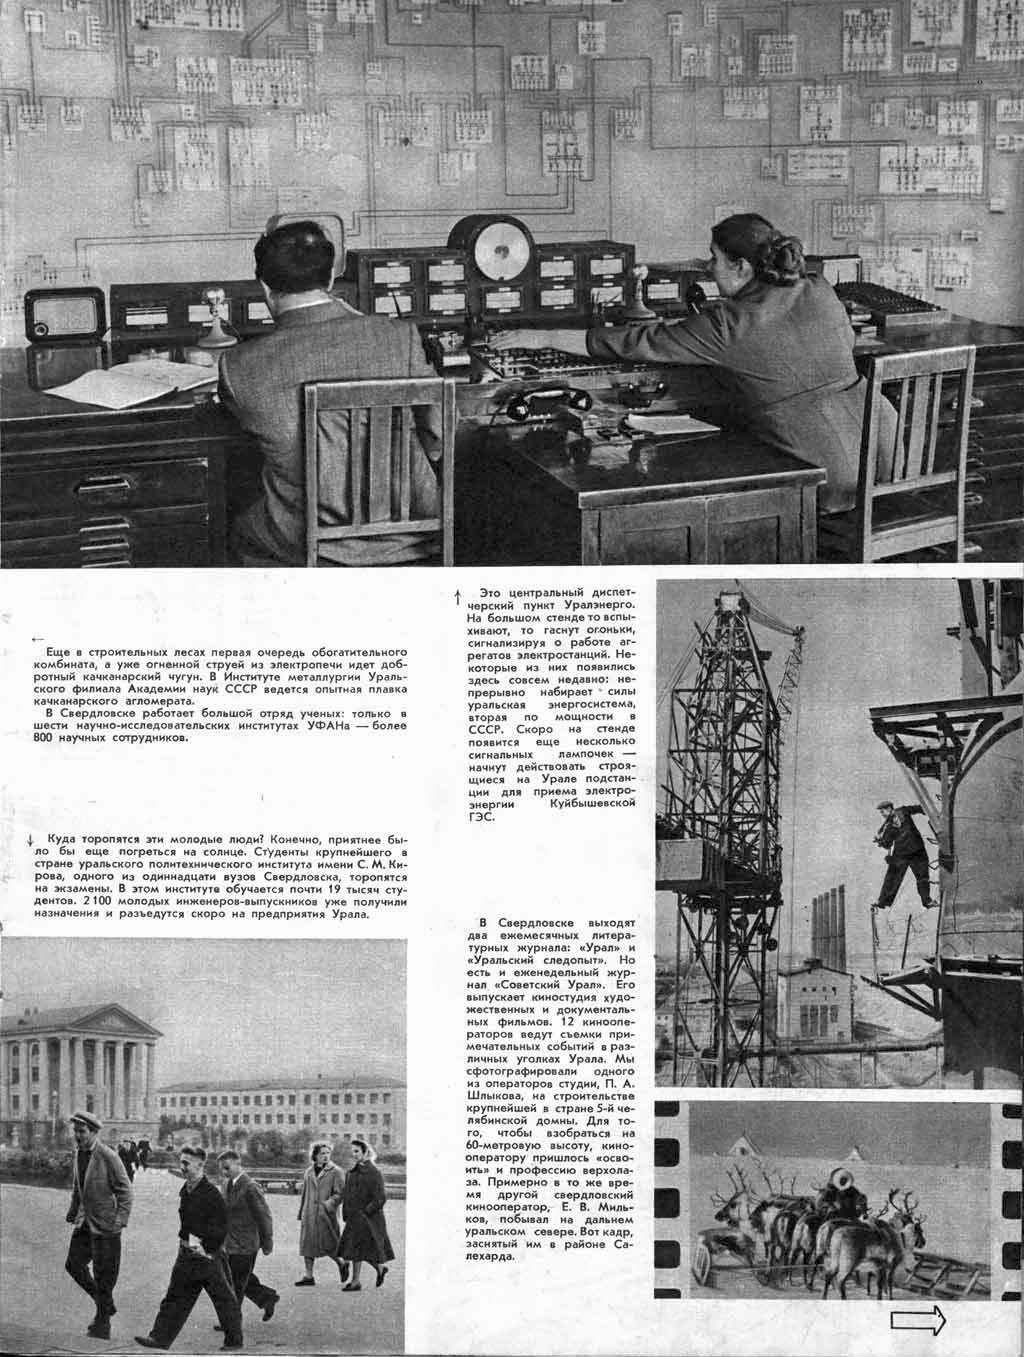 """Как фотография из журнала """"Огонек"""" многое поведала ЦРУ о советской ядерной программе"""